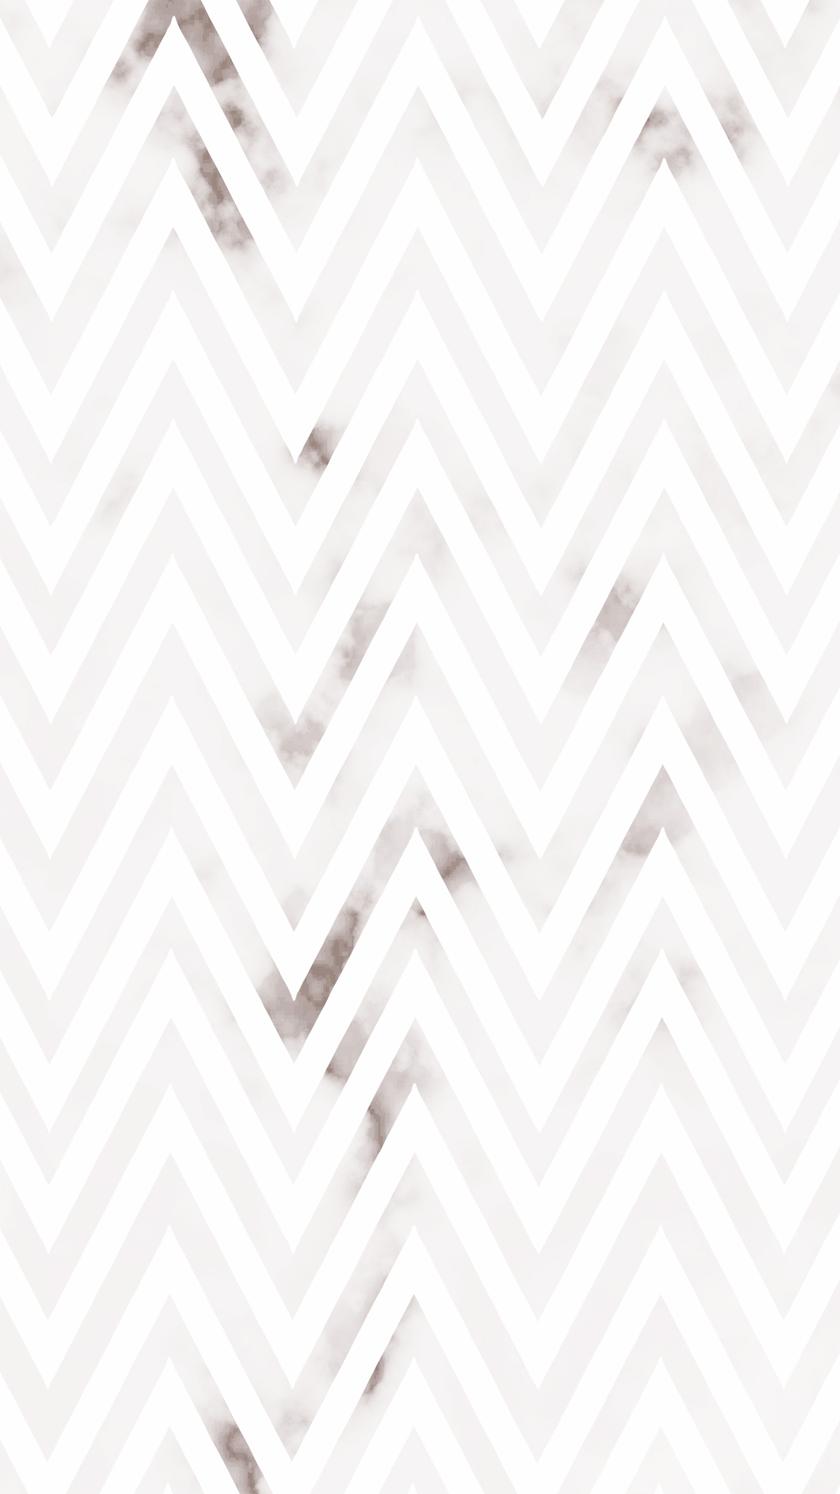 Fantastic Wallpaper Marble Unicorn - 2315baffa43df8c11a416991dabc1438  Graphic_842690.png